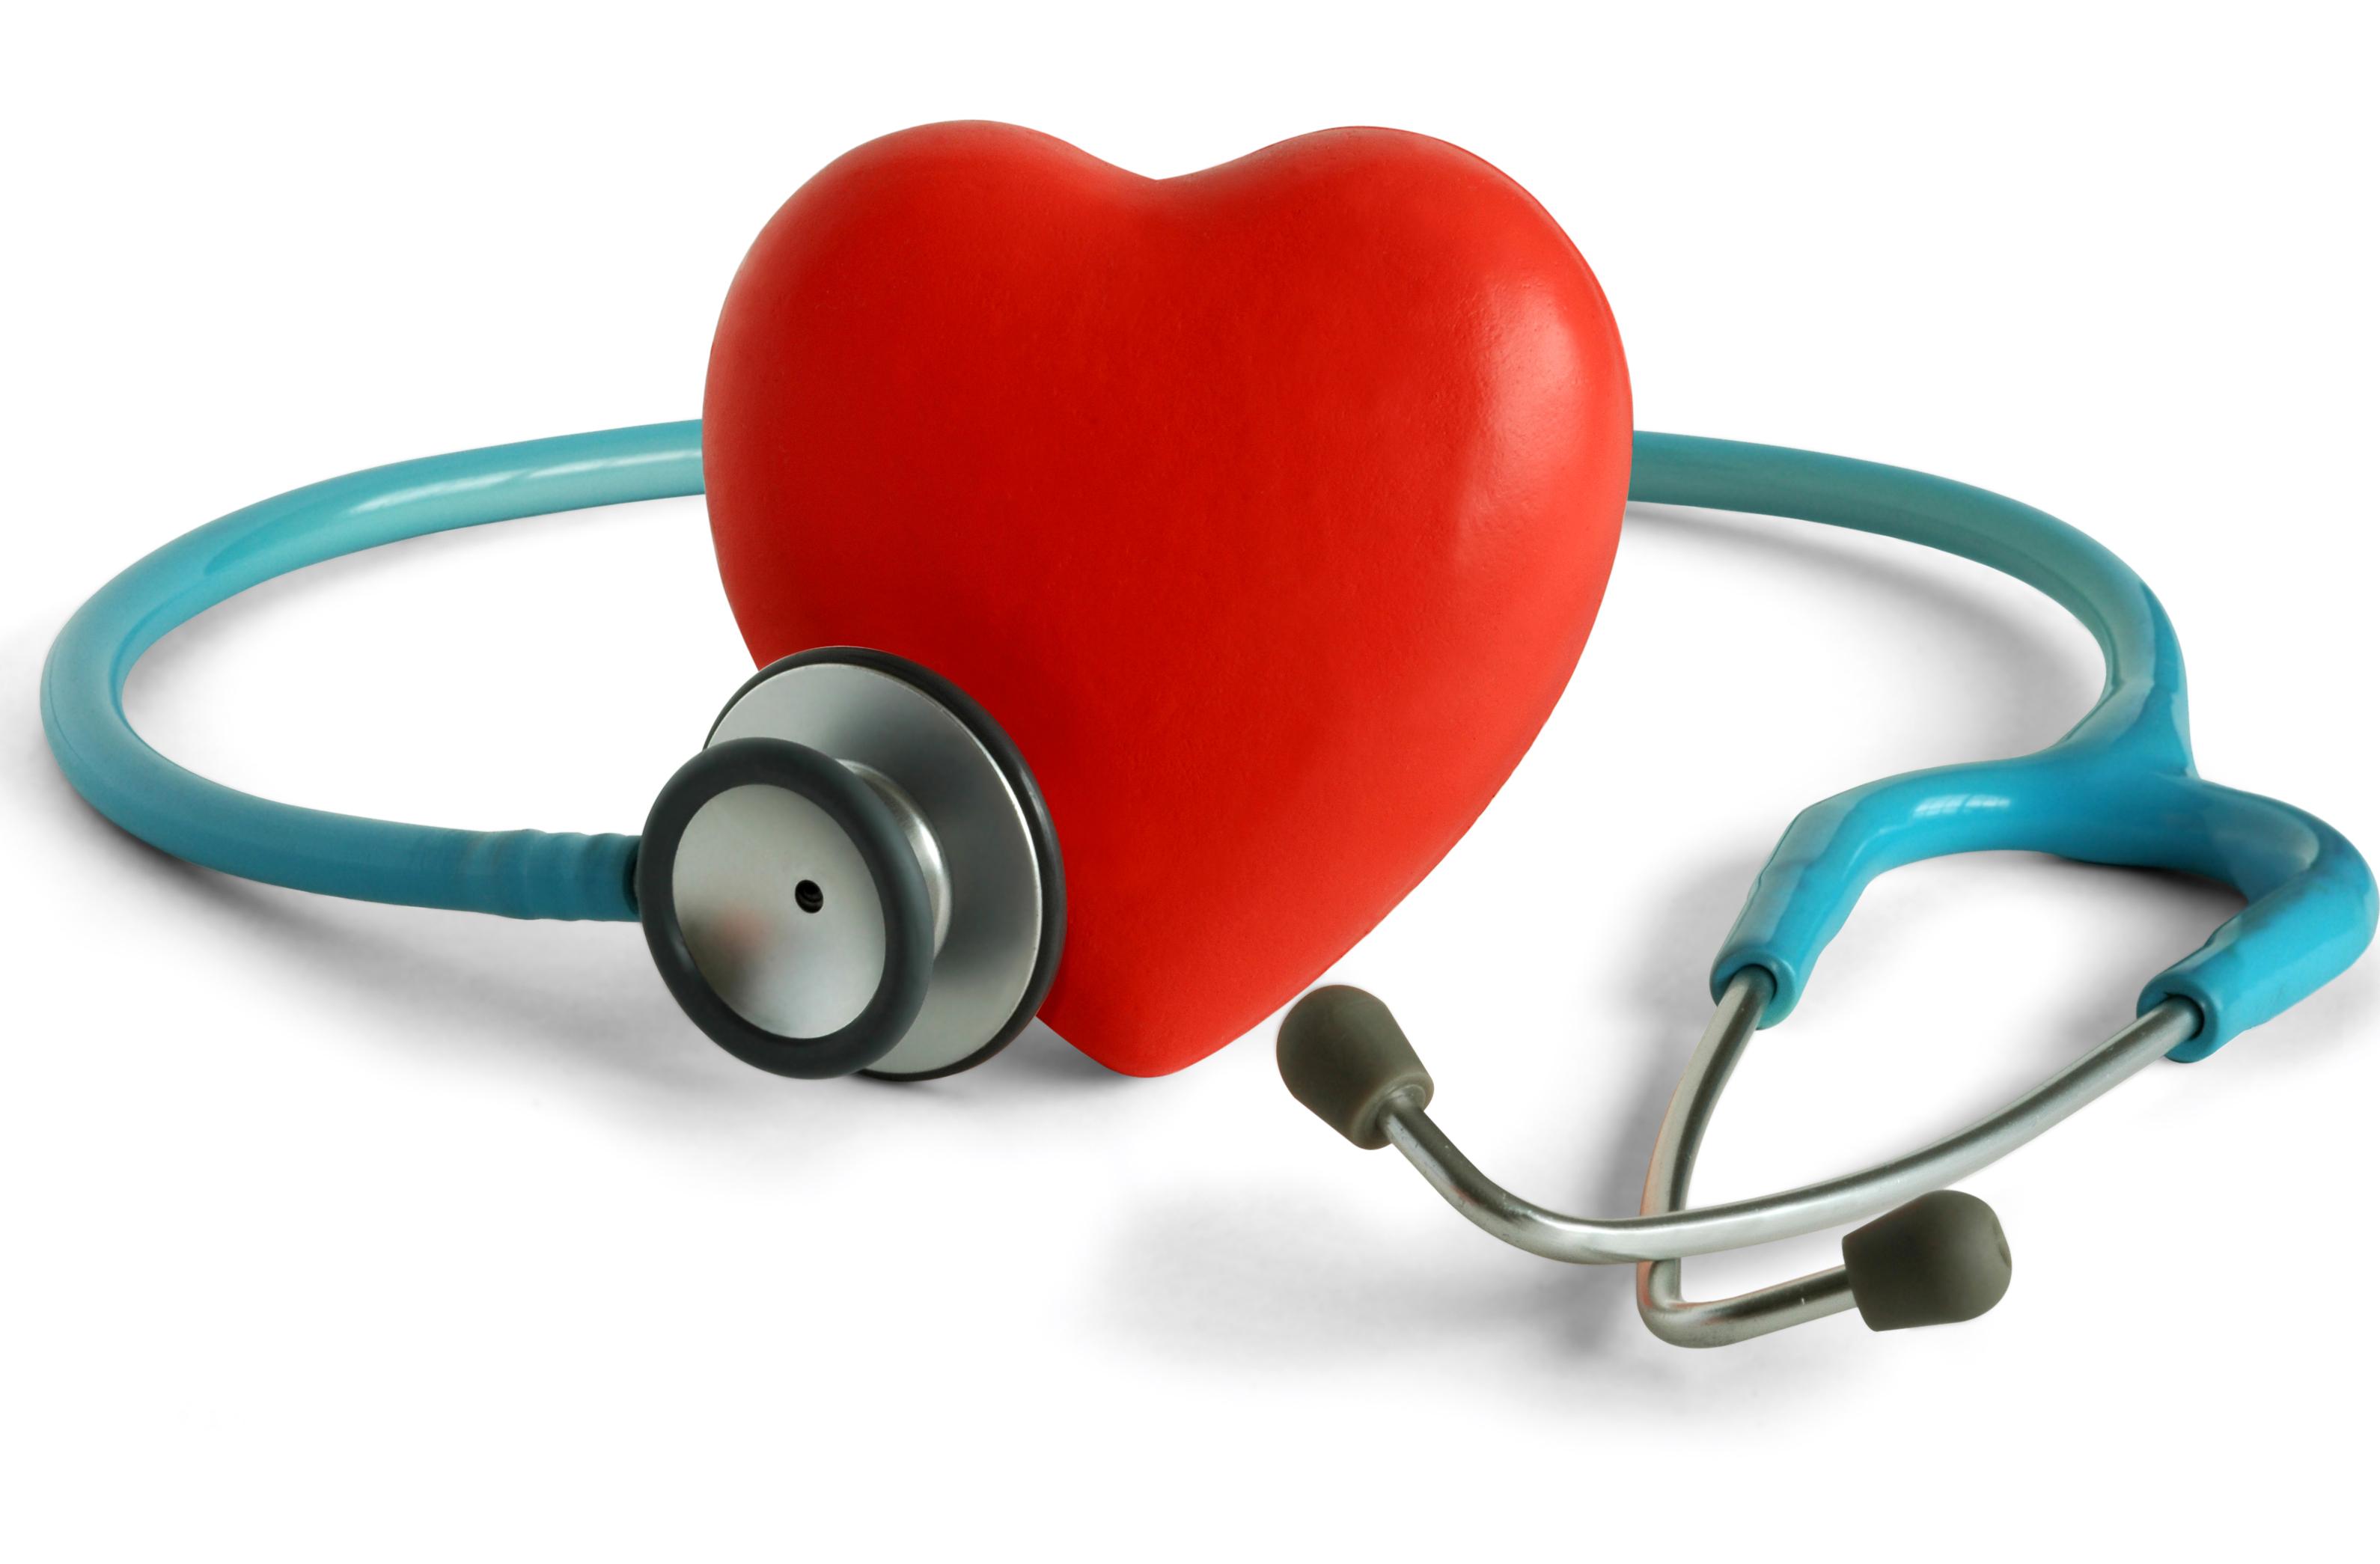 koks turėtų būti spaudimas sergant hipertenzija)